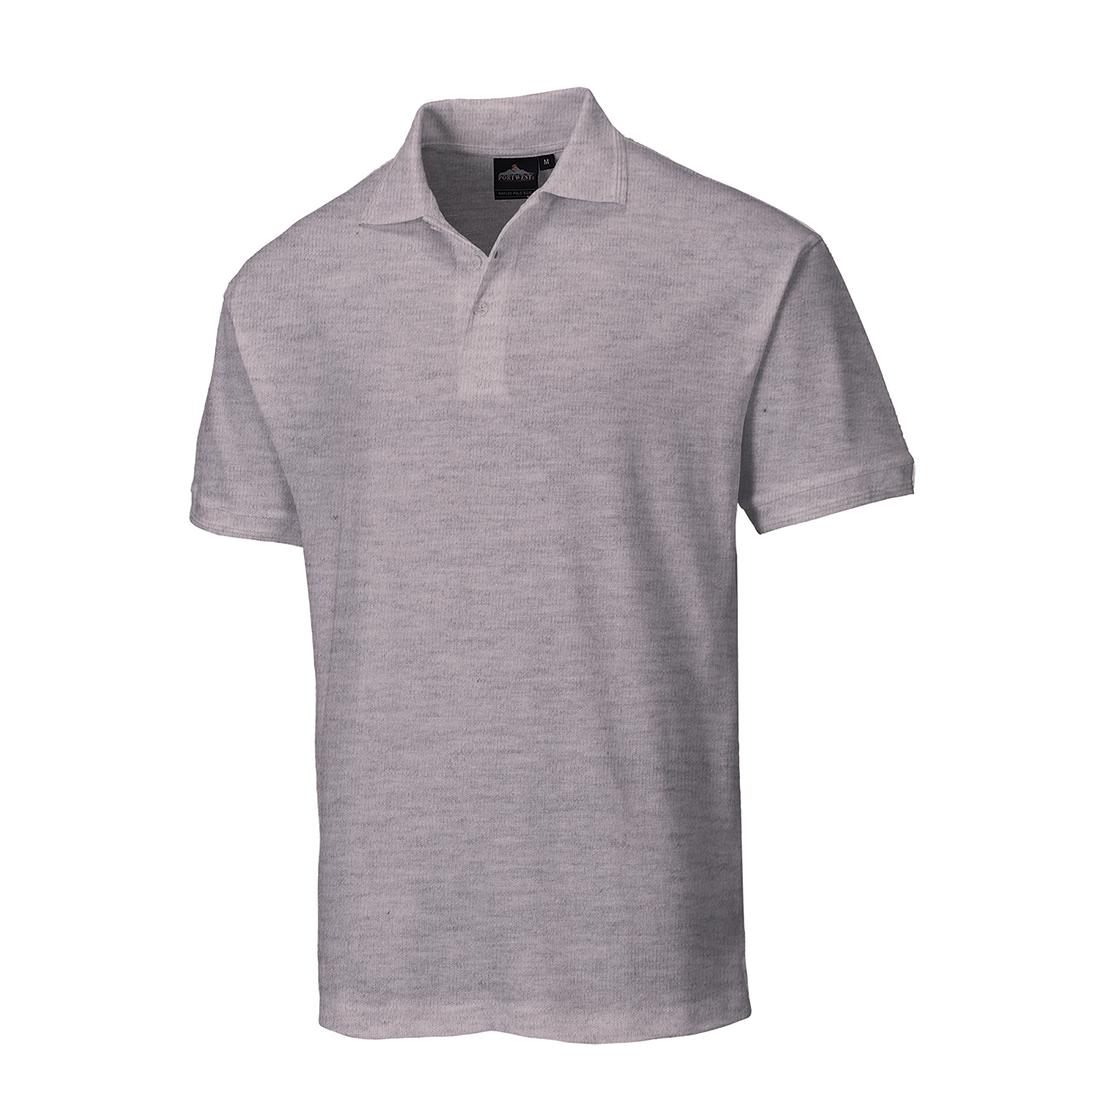 Naples Polo Shirt Heather XXXLR